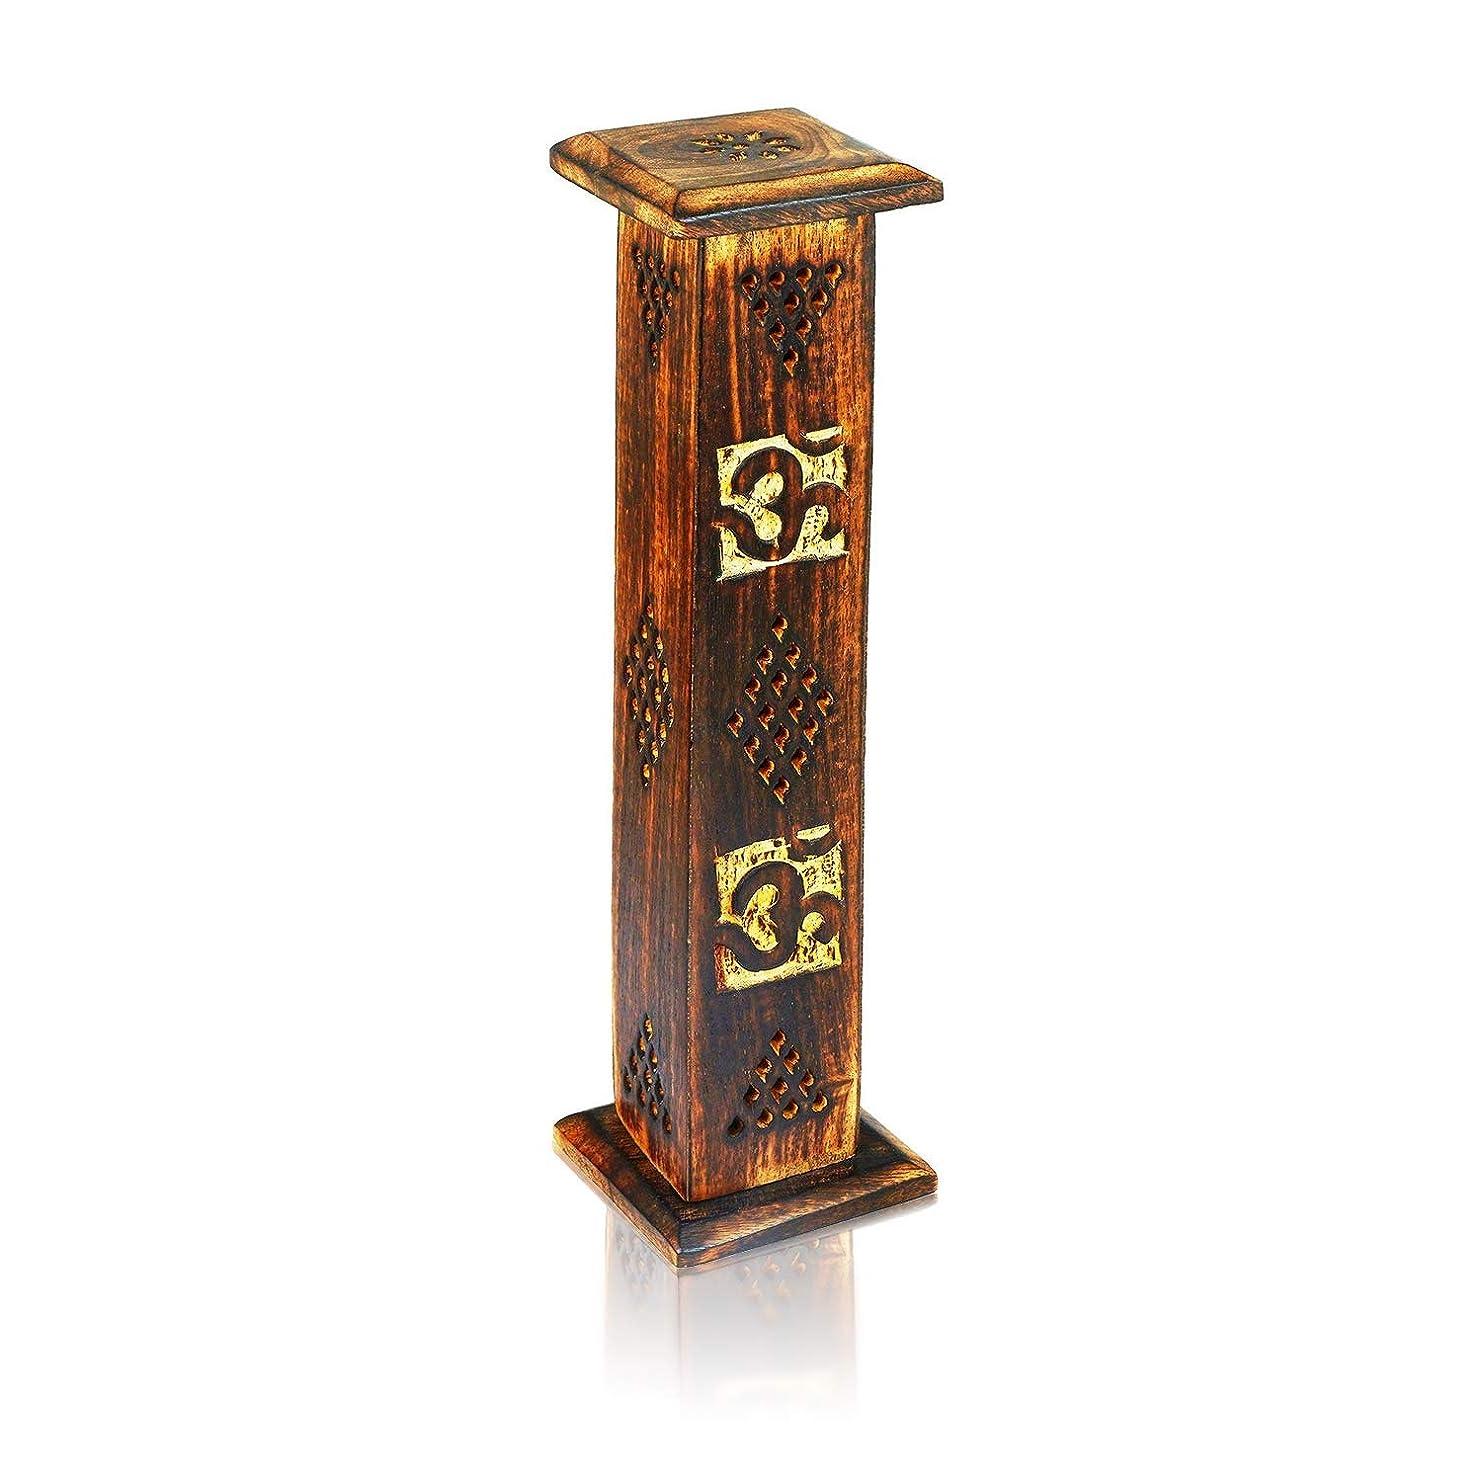 母の日ギフト木製お香スティックコーンバーナーホルダータワーLarge有機Eco Friendly Ashキャッチャー素朴なスタイル手彫りの瞑想ヨガアロマテラピーHome Fragrance製品